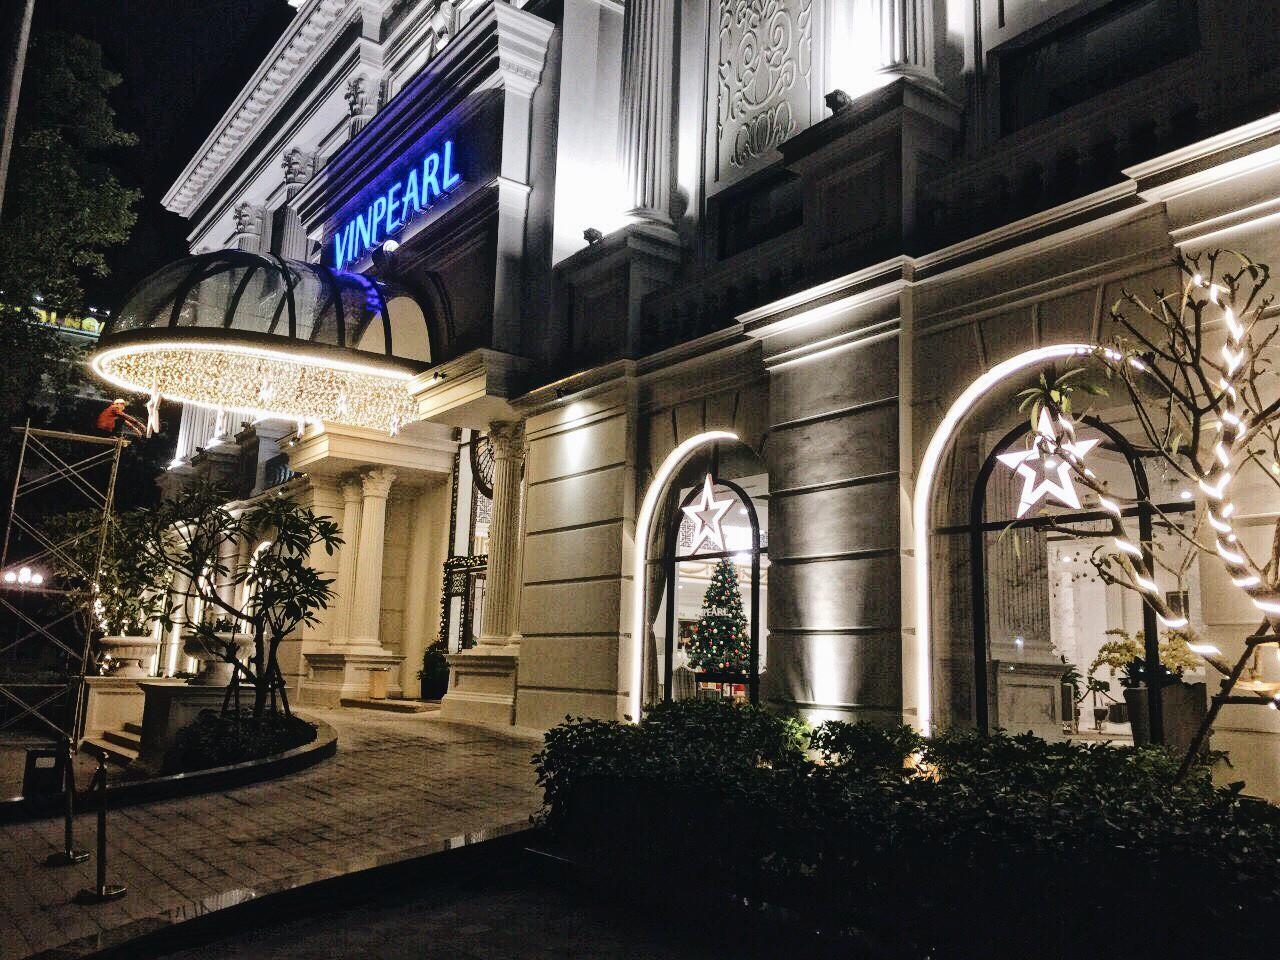 Không gian chuẩn mùa lễ hội của Vinpearl Hotels: Góc nào cũng lung linh, đã vậy còn được thưởng thức bữa tối với view ngàn sao! - Ảnh 3.